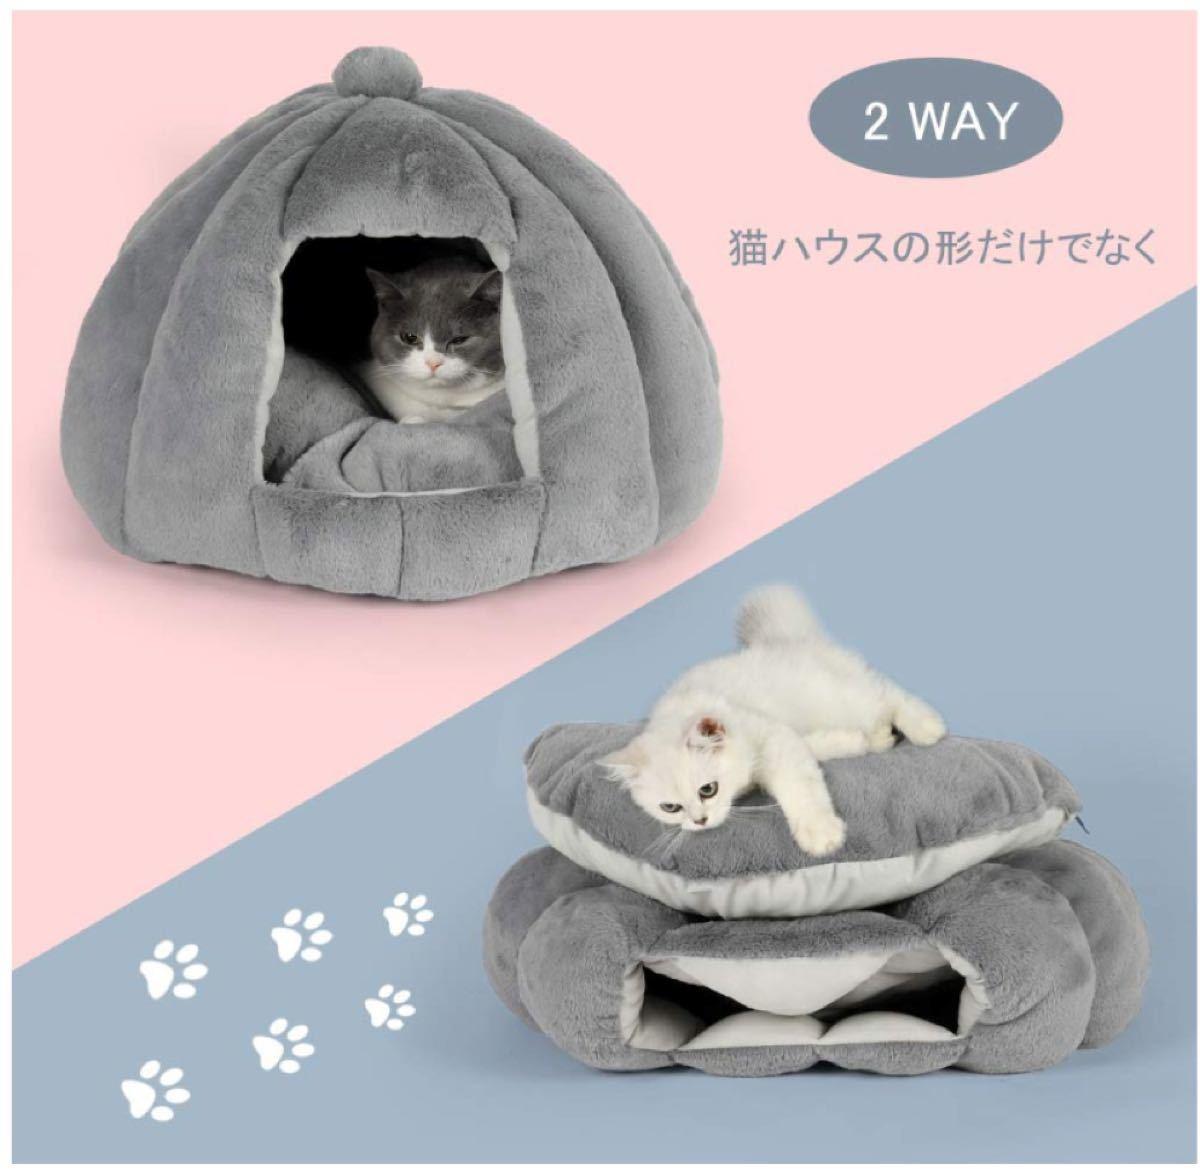 値下げ不可、猫ハウス 冬 猫用ベッド 猫 ドーム型 ベッド 犬小屋クッション付き